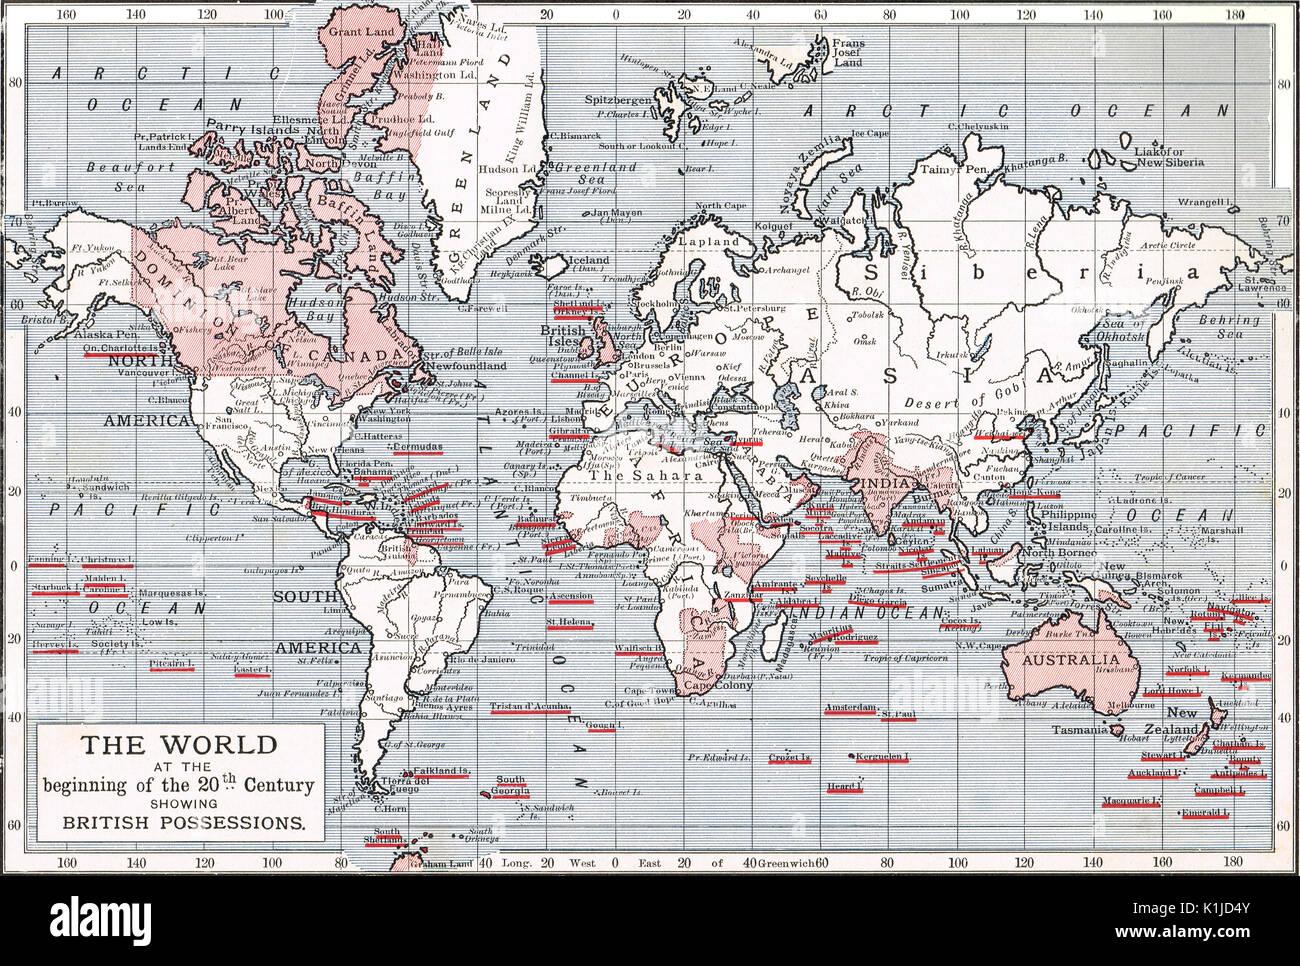 Mapa del mundo mostrando las posesiones británicas en el comienzo del siglo XX. Imagen De Stock